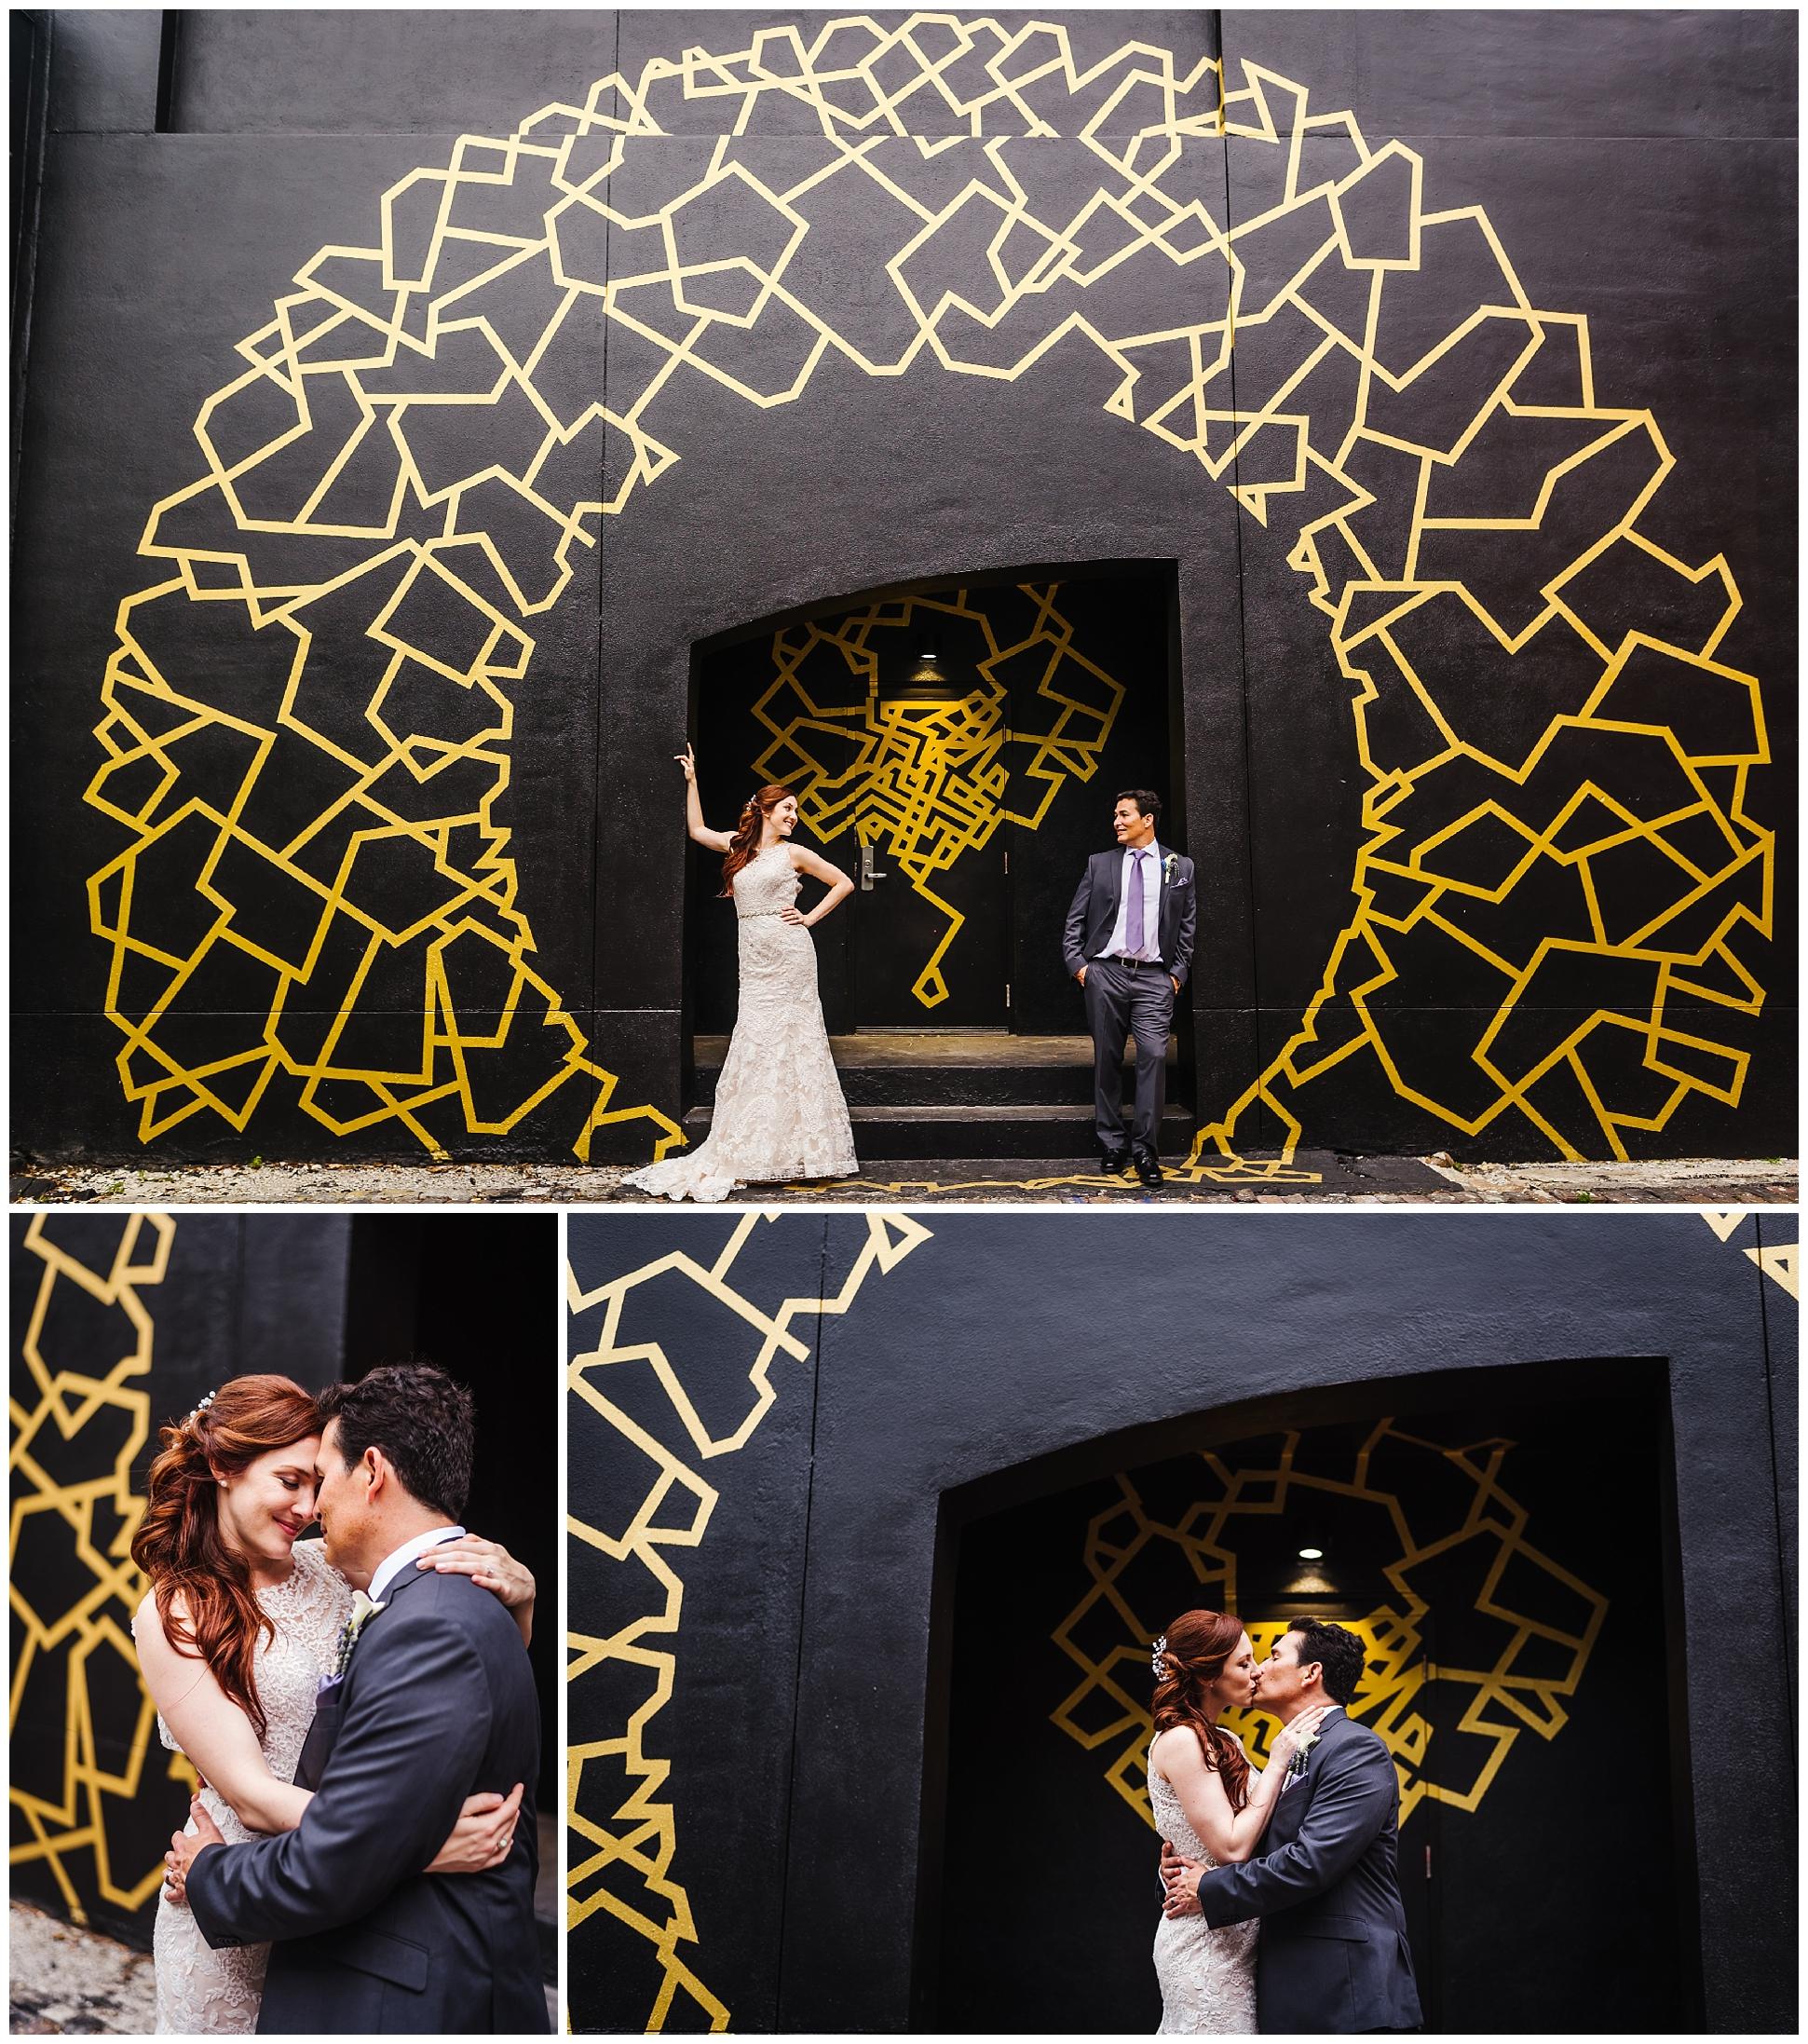 st-pete-wedding-photographer-nova-535-murals-downtown-lavendar_0032.jpg